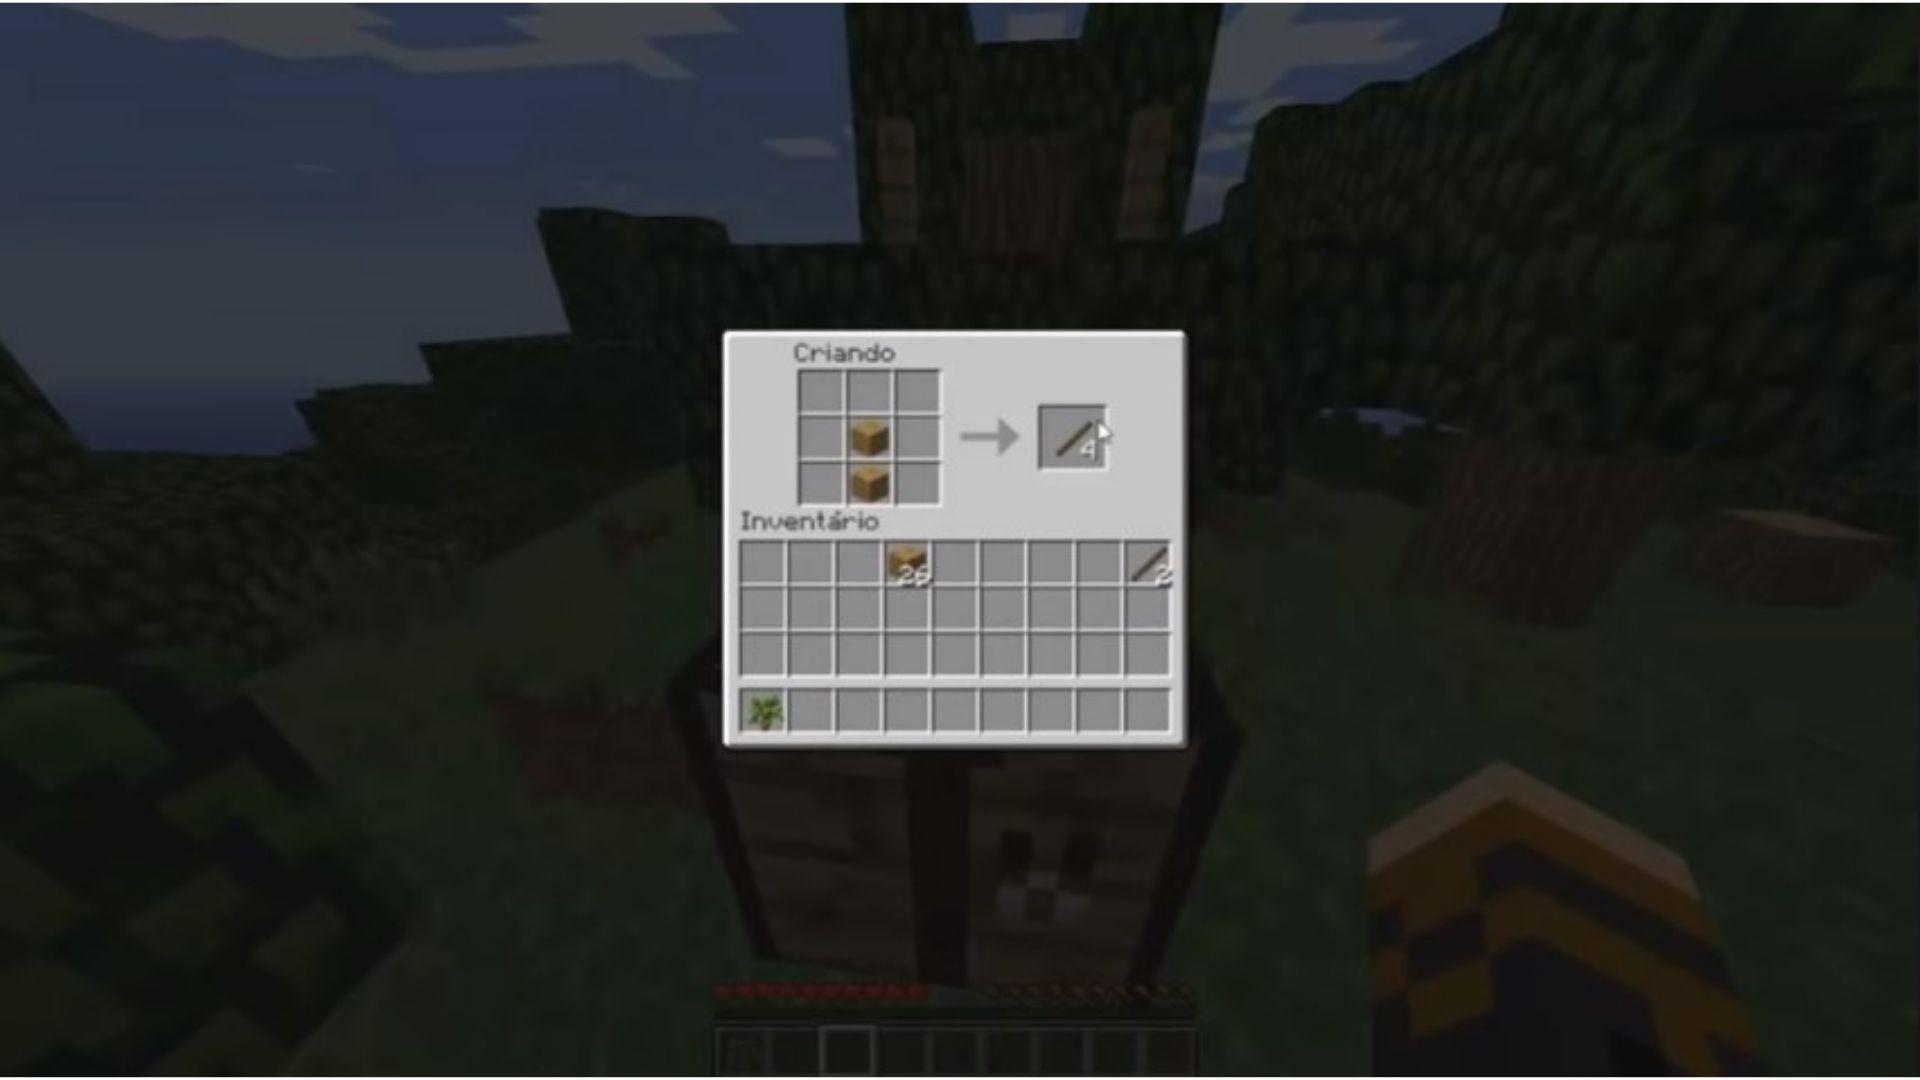 Transforme os blocos de madeira em gravetos para criar as cercas no jogo (Foto: Reprodução/Youtube)